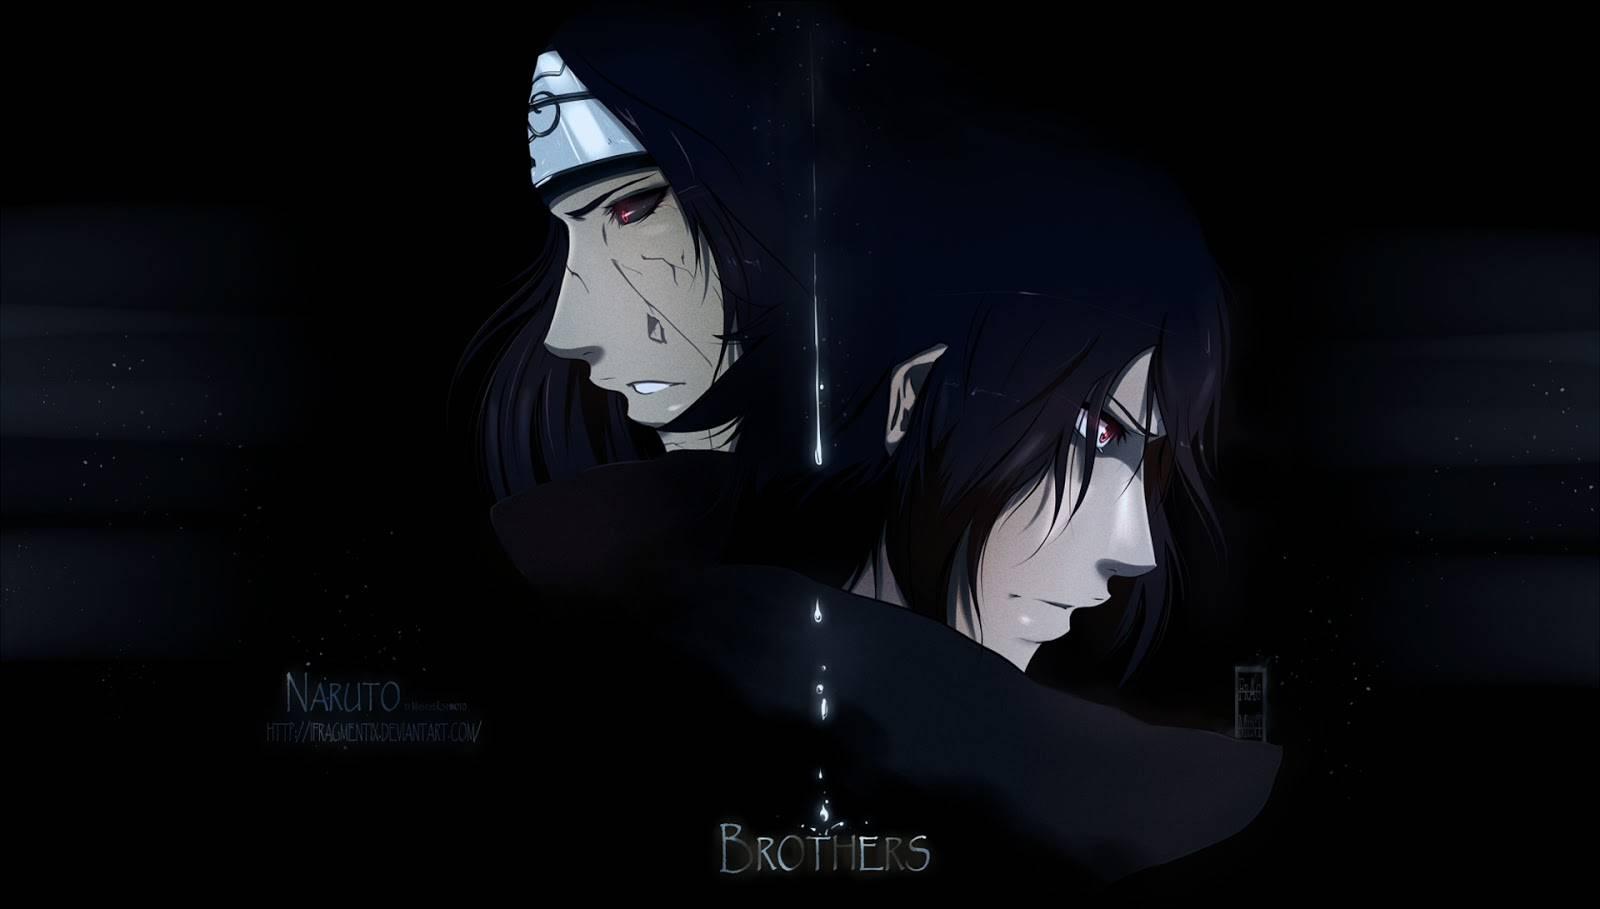 uchiha sasuke images wallpaper - photo #21